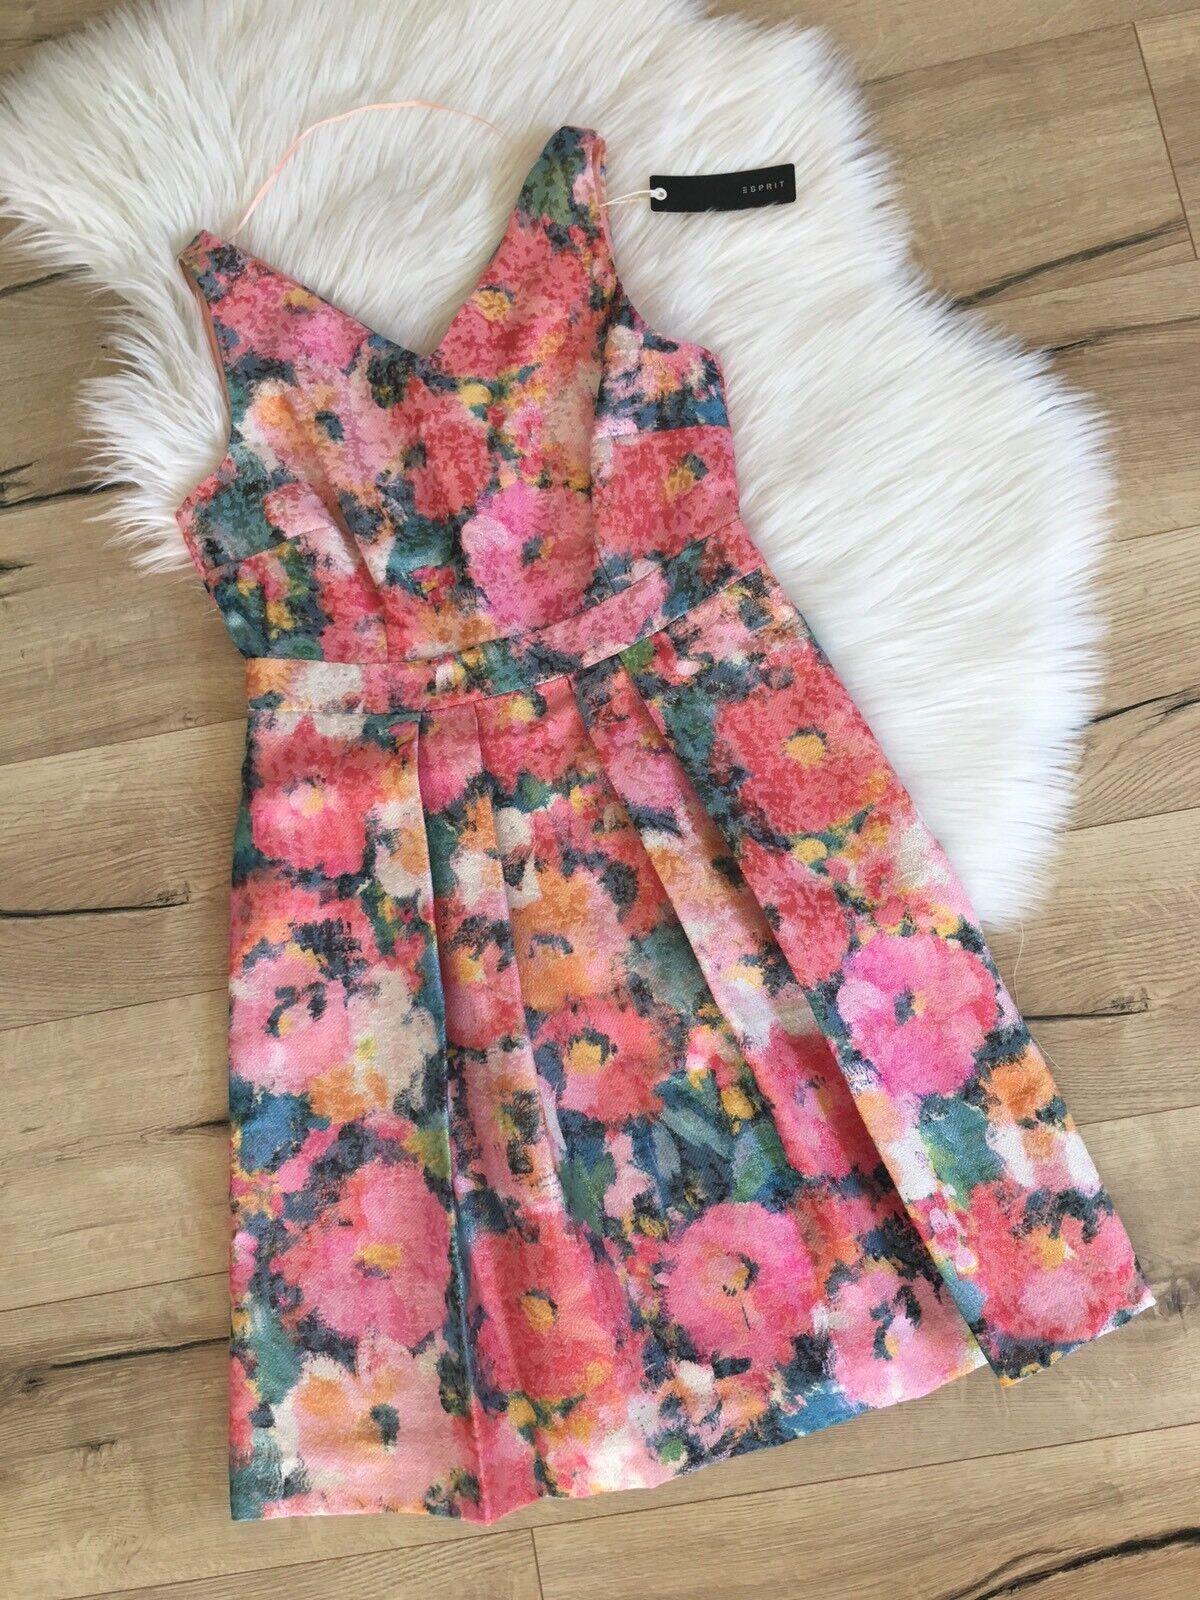 ESPRIT Kleid Business NP Blaumenmuster❤️ NEU Mit Etikett ❤️ bunt Sommer Gr. 38